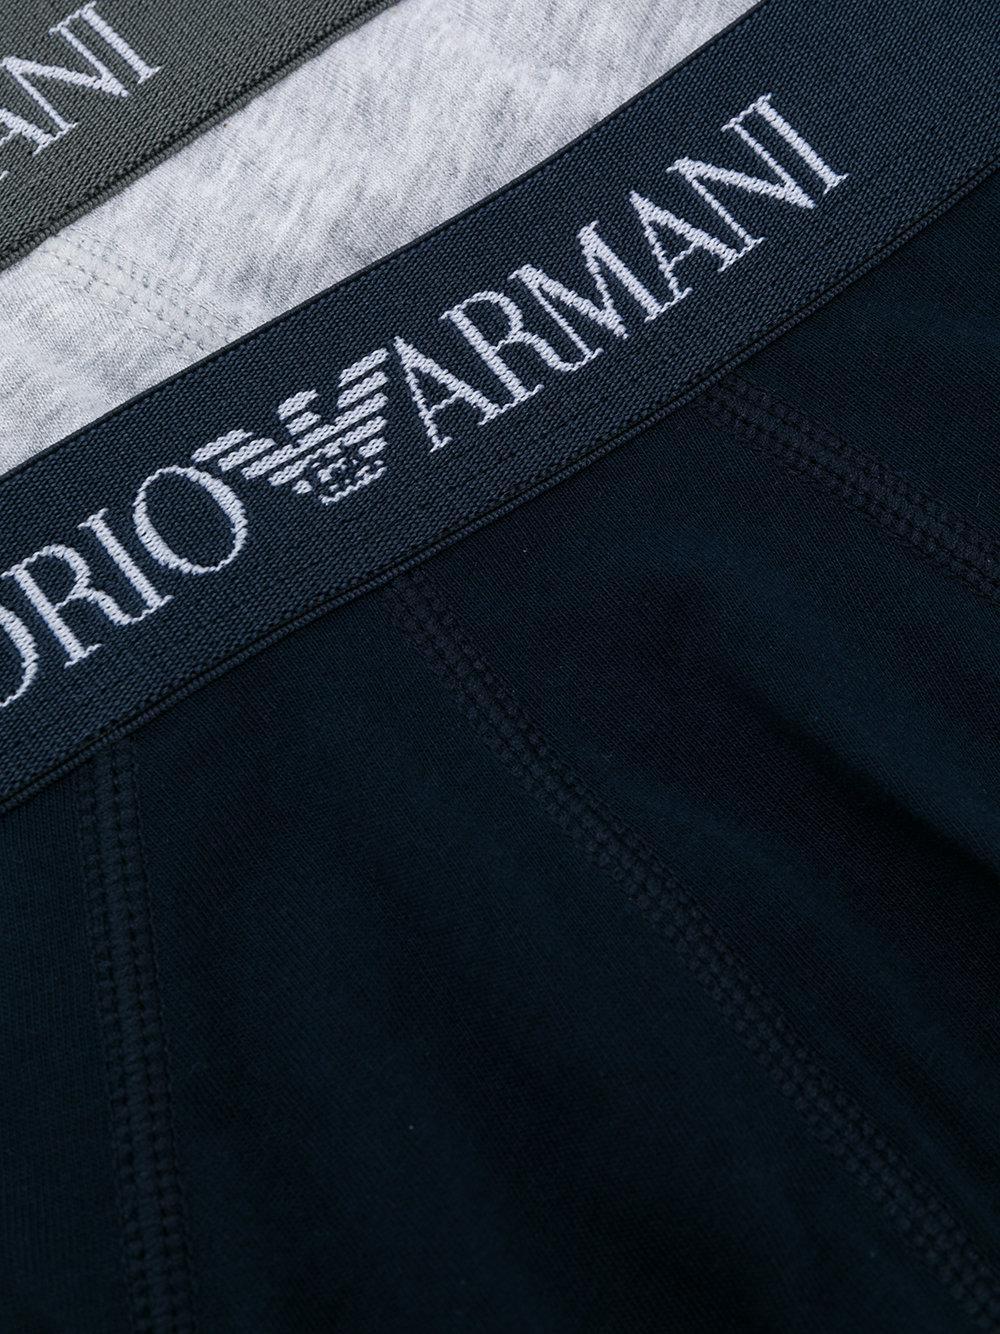 Lyst emporio armani logo band briefs in blue for men - Emporio giorgio armani logo ...